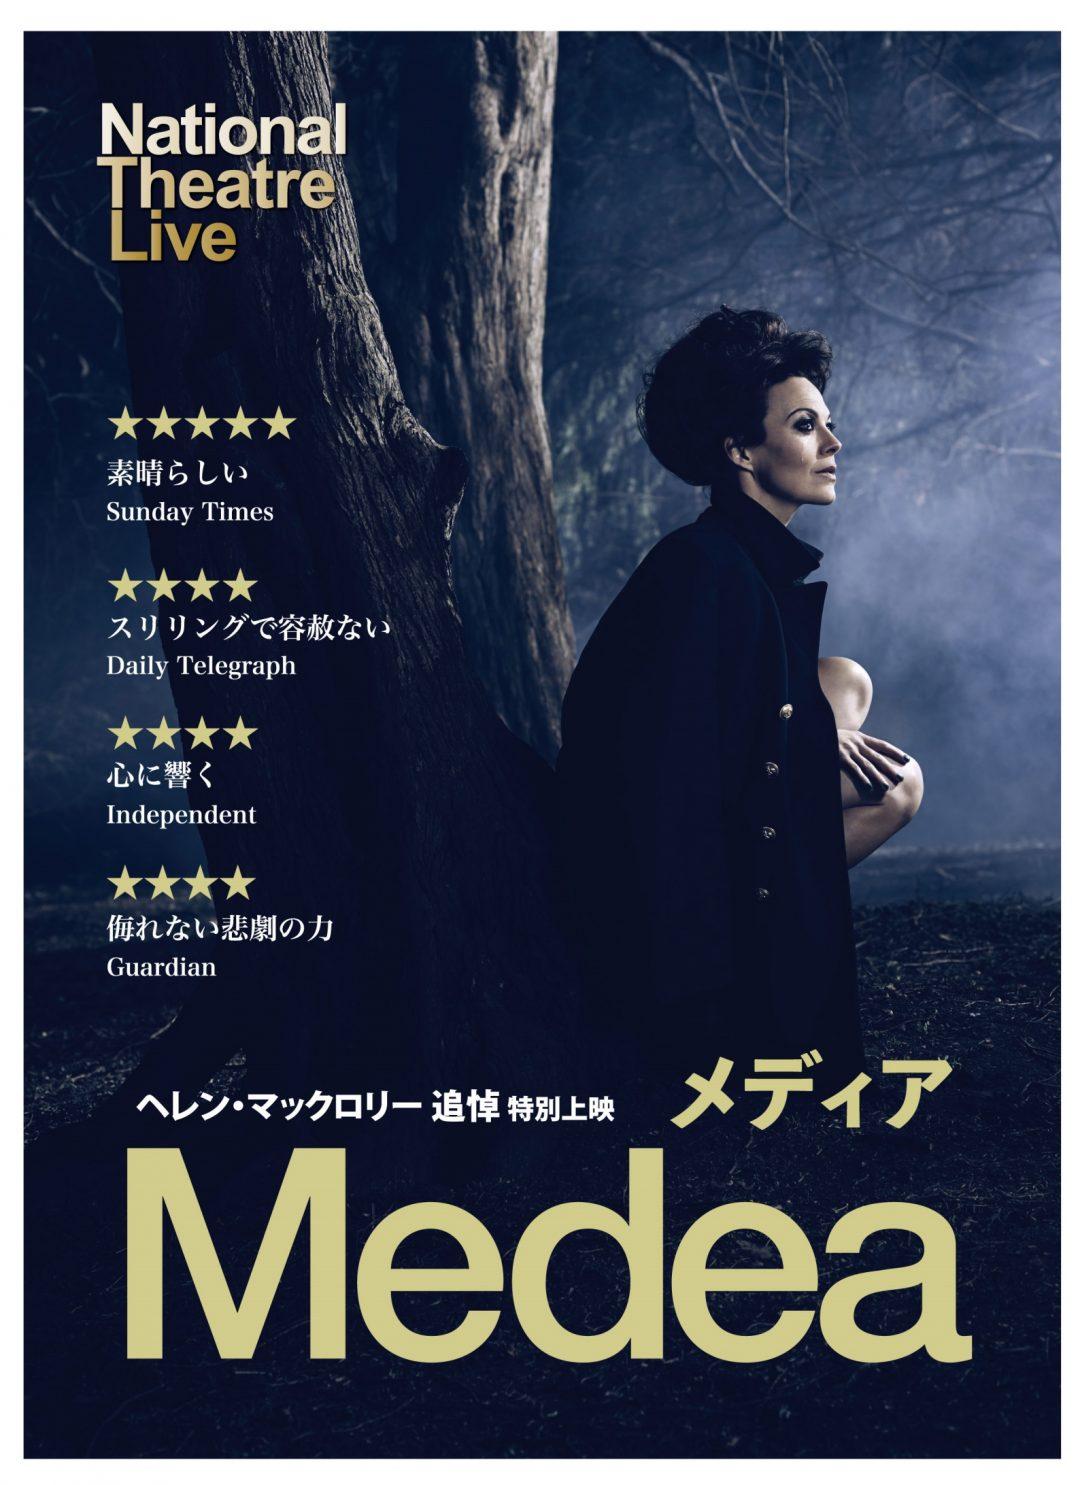 2021年ナショナル・シアター・ライブ 『メディア』に続き、日本初公開の『十二夜』『ジェーン・エア』も劇場公開決定!